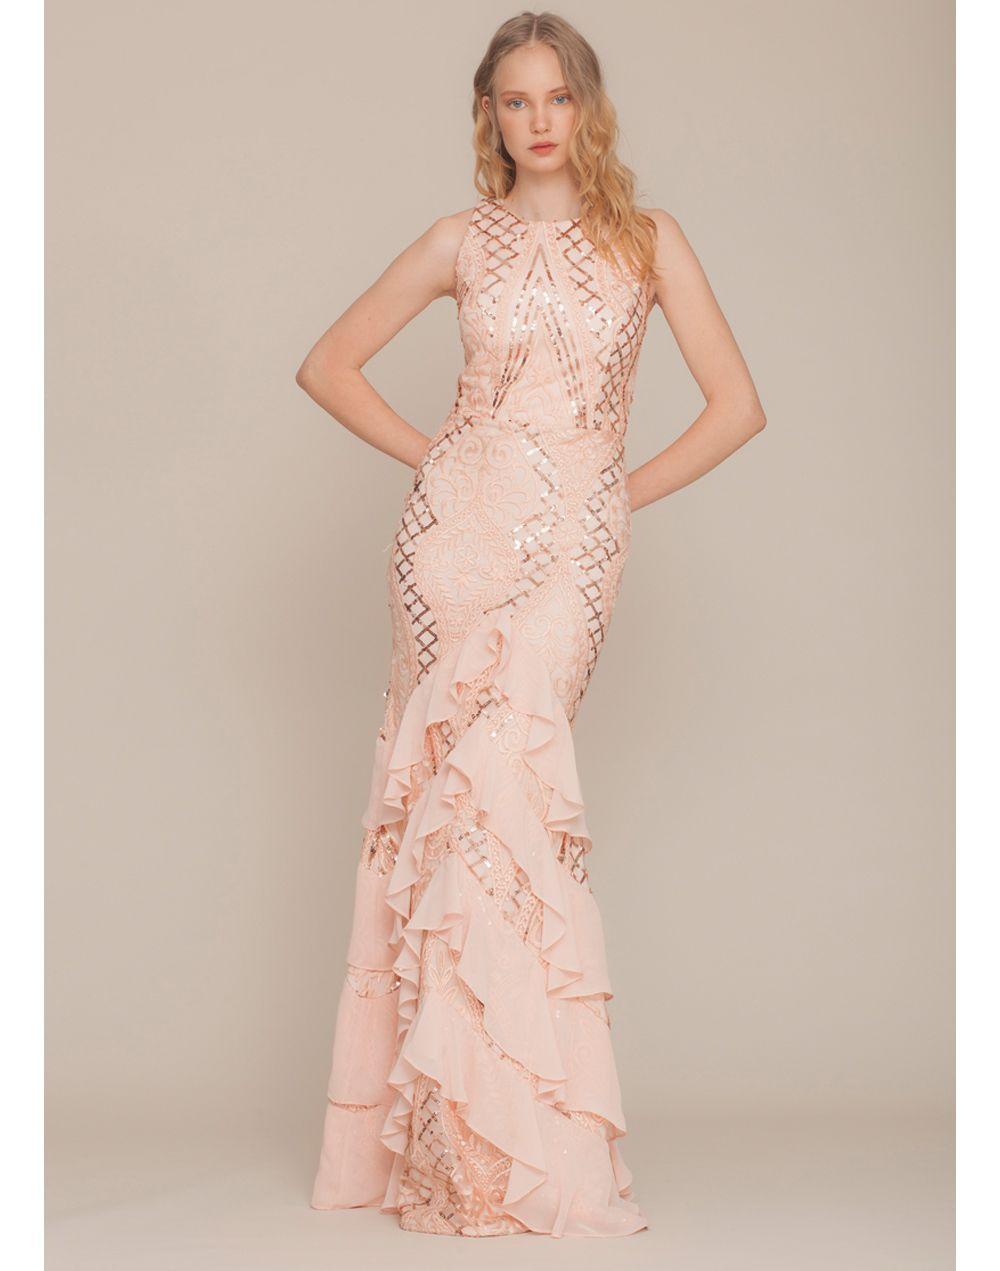 fabcf731ca Vestido de fiesta con corte sirena con falda de volantes y color rosa palo  de Zibi